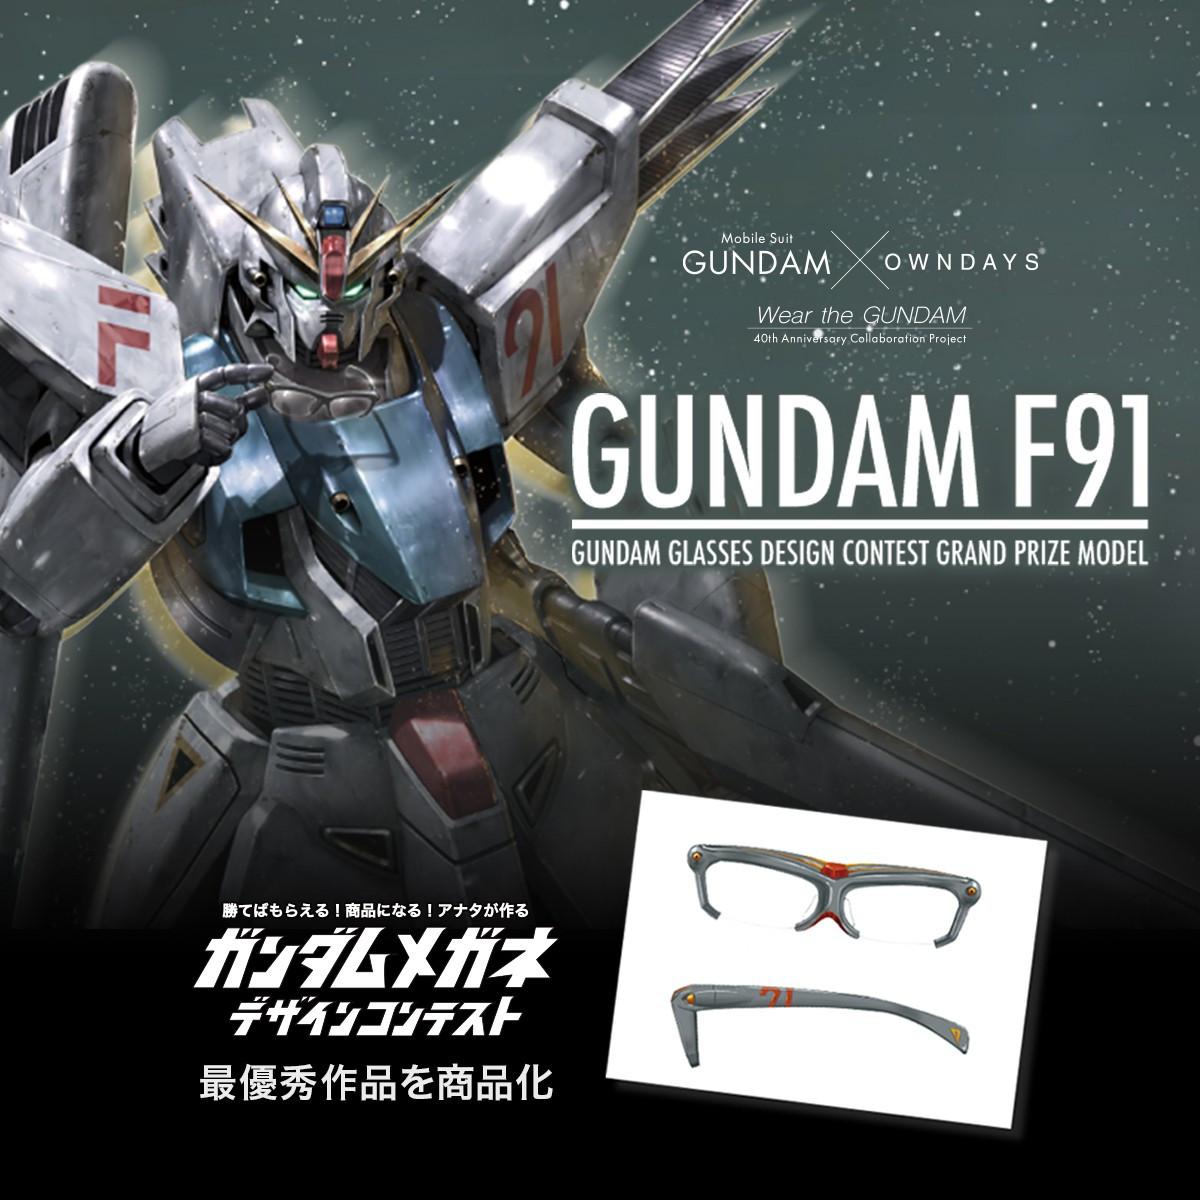 GUNDAM F91【ガンダム x OWNDAYS】